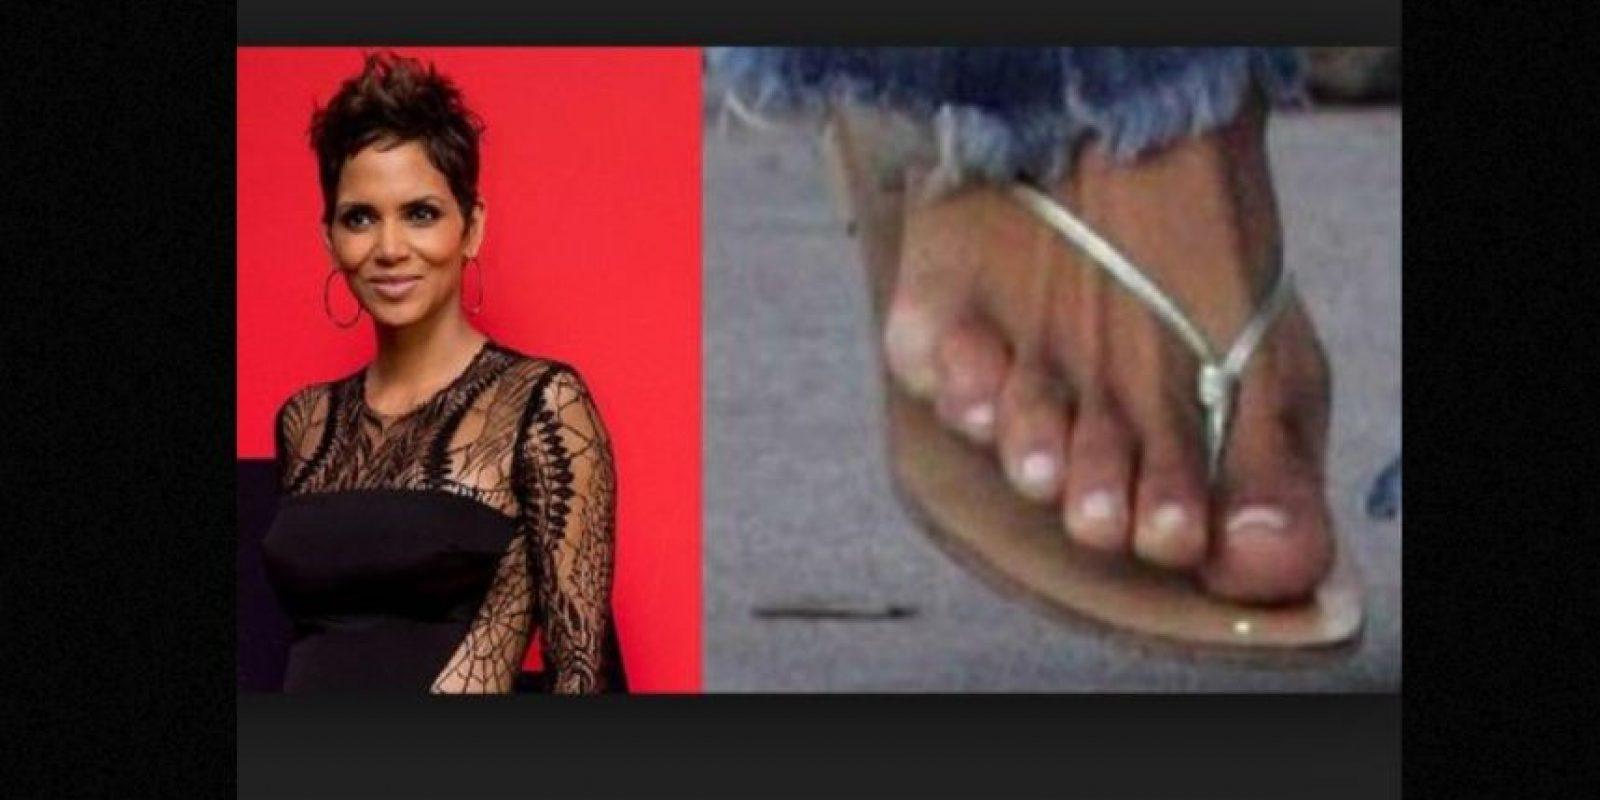 Este trastorno genético hace que un humano nazca con más dedos, ya sea en las manos o los pies. Se rumora que Berry tiene un dedo extra en el pie izquierdo. Foto:vía Getty Images